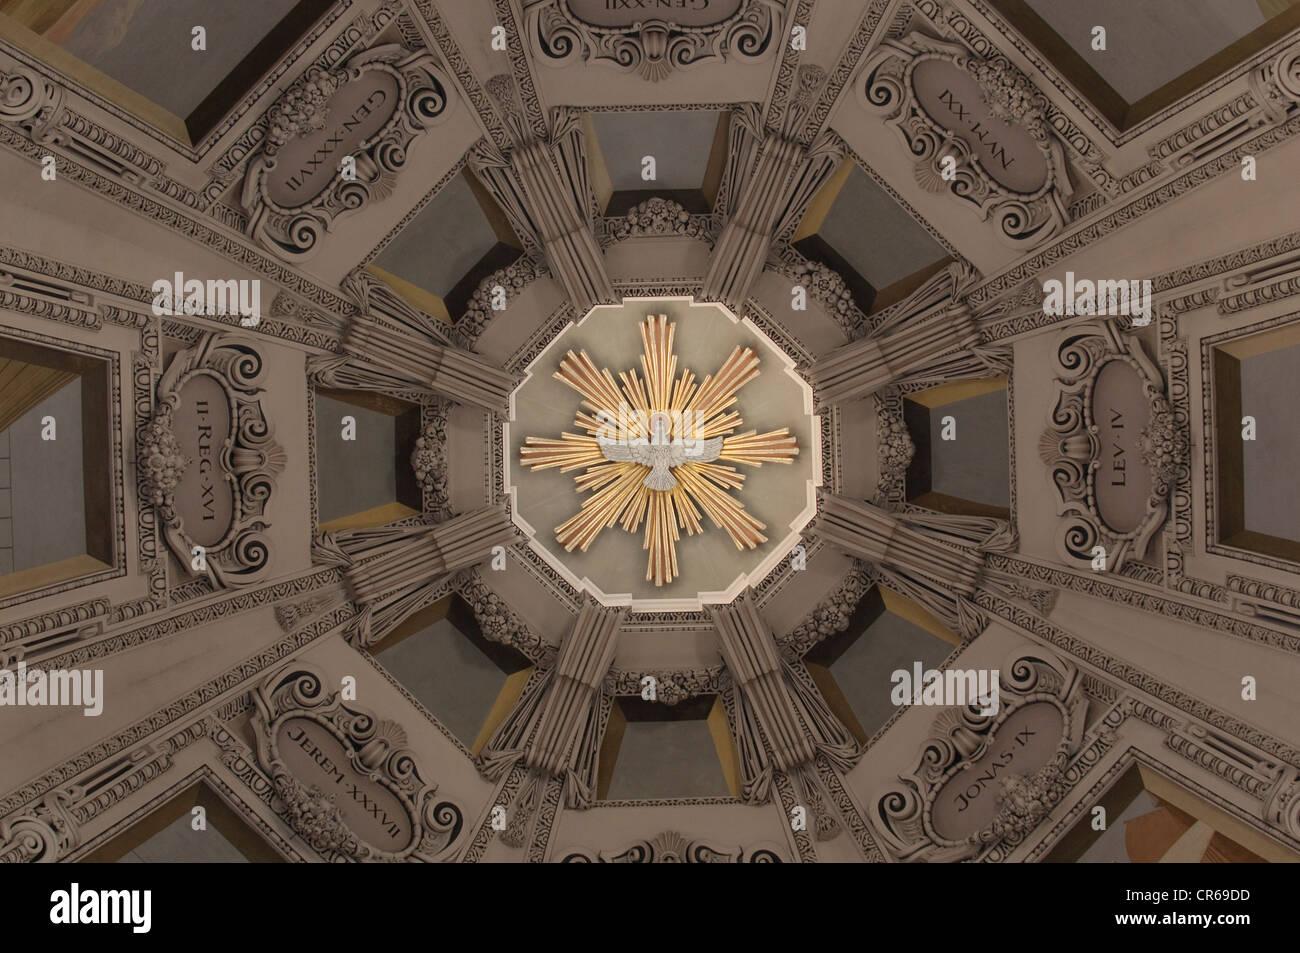 Ansicht der wichtigsten Turm der Salzburger Dom, die zentrale weiße Taube als Symbol des Heiligen Geistes, Stockbild